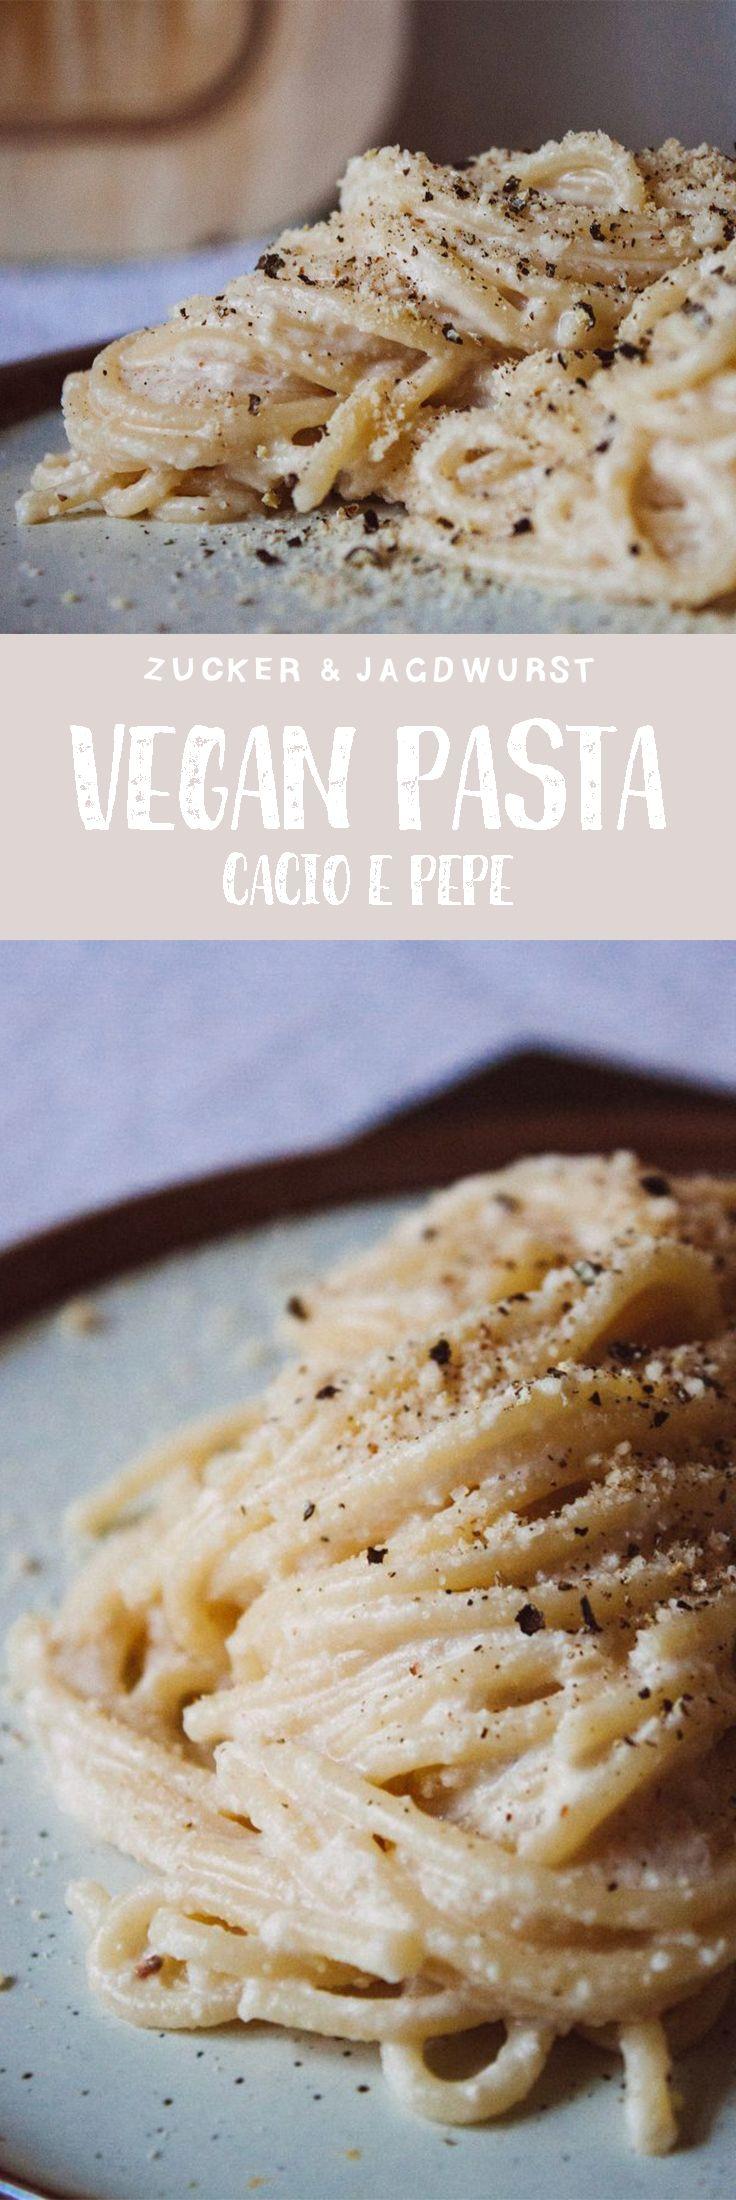 Vegan Pasta Cacio e Pepe. So creamy and yummy!